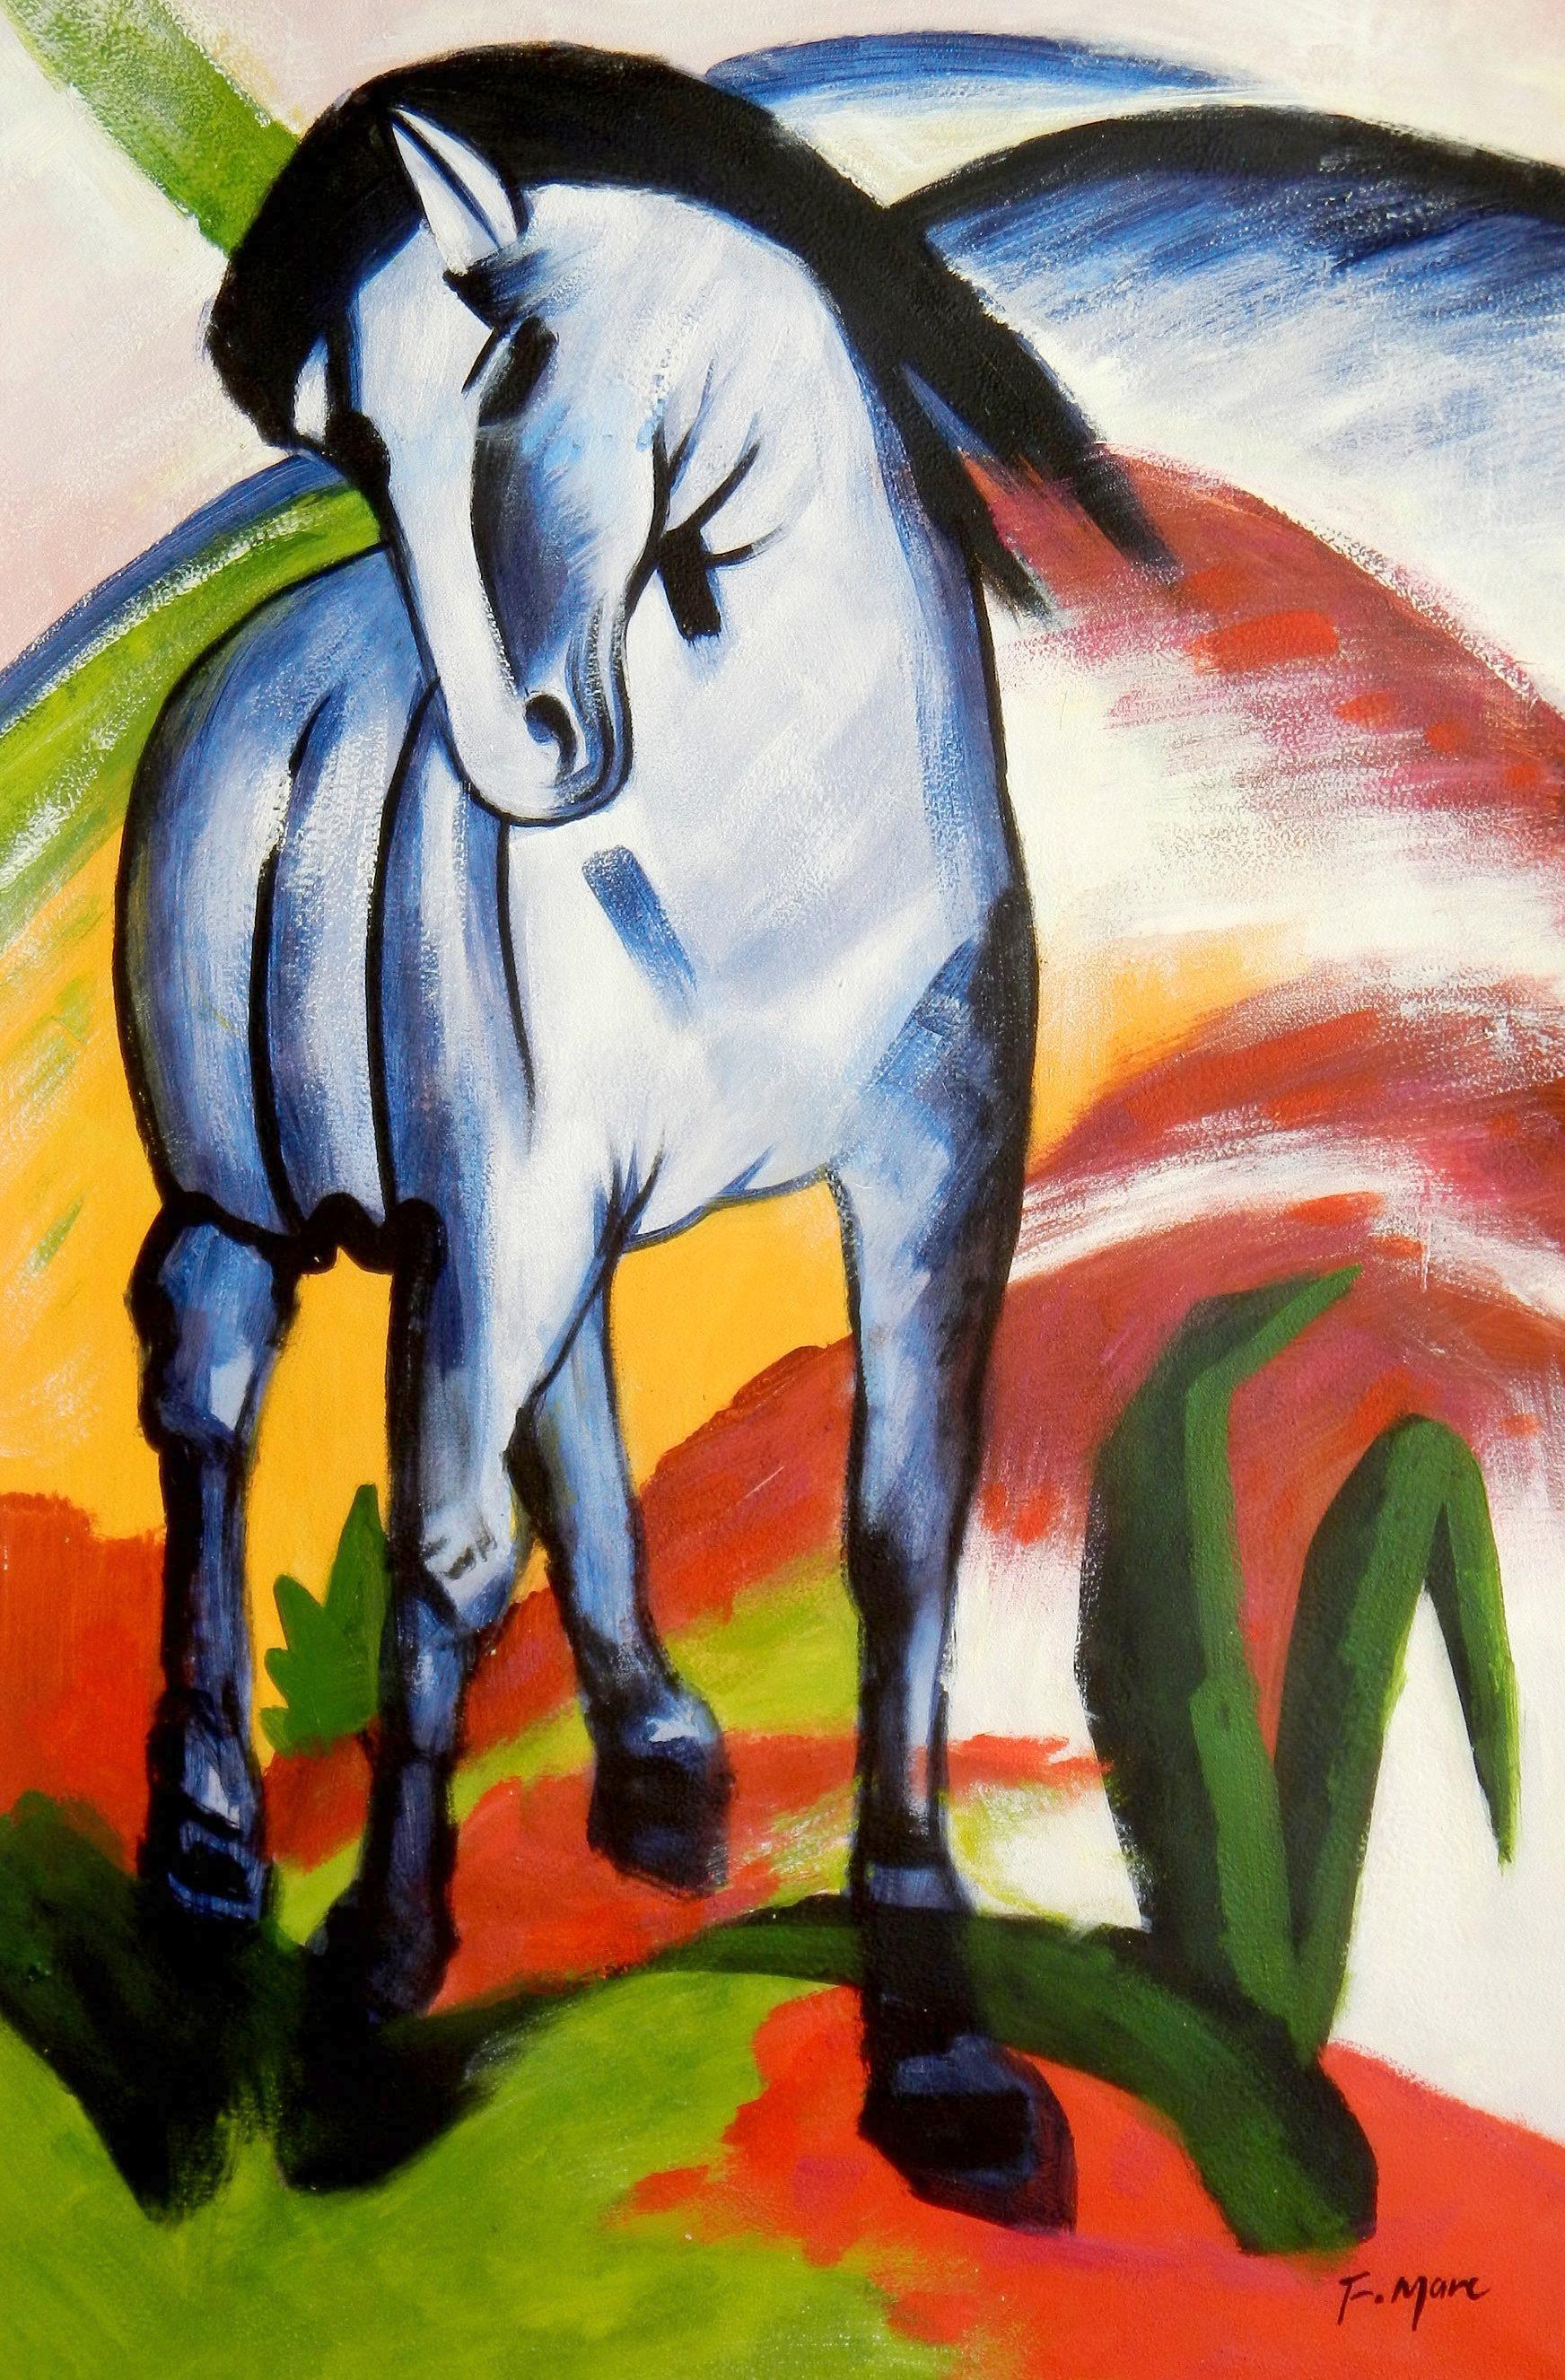 Franz Marc - Blaues Pferd d94240 60x90cm Expressionismus Ölgemälde